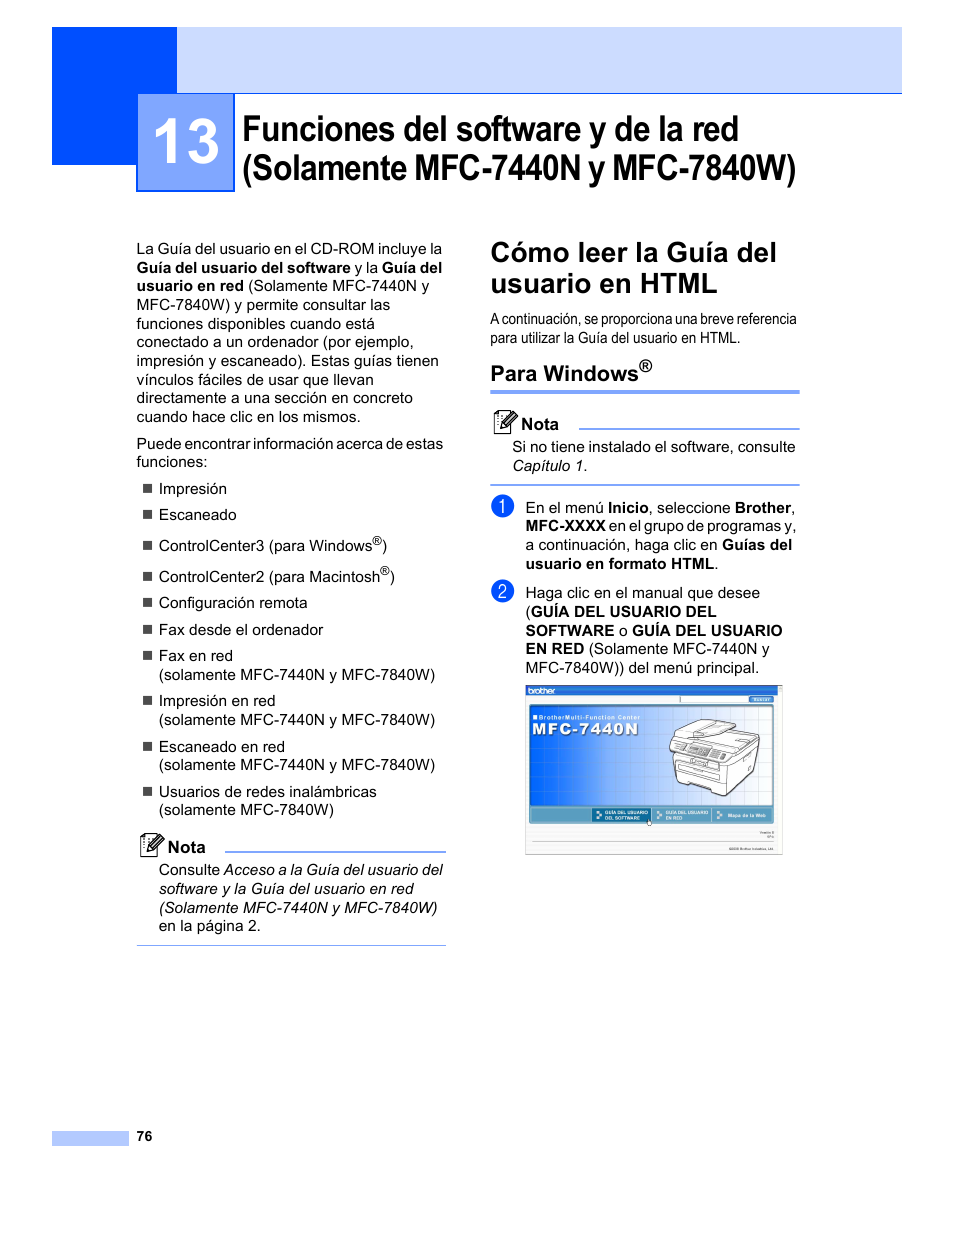 Cómo leer la guía del usuario en html, Para windows, Funciones del software  y